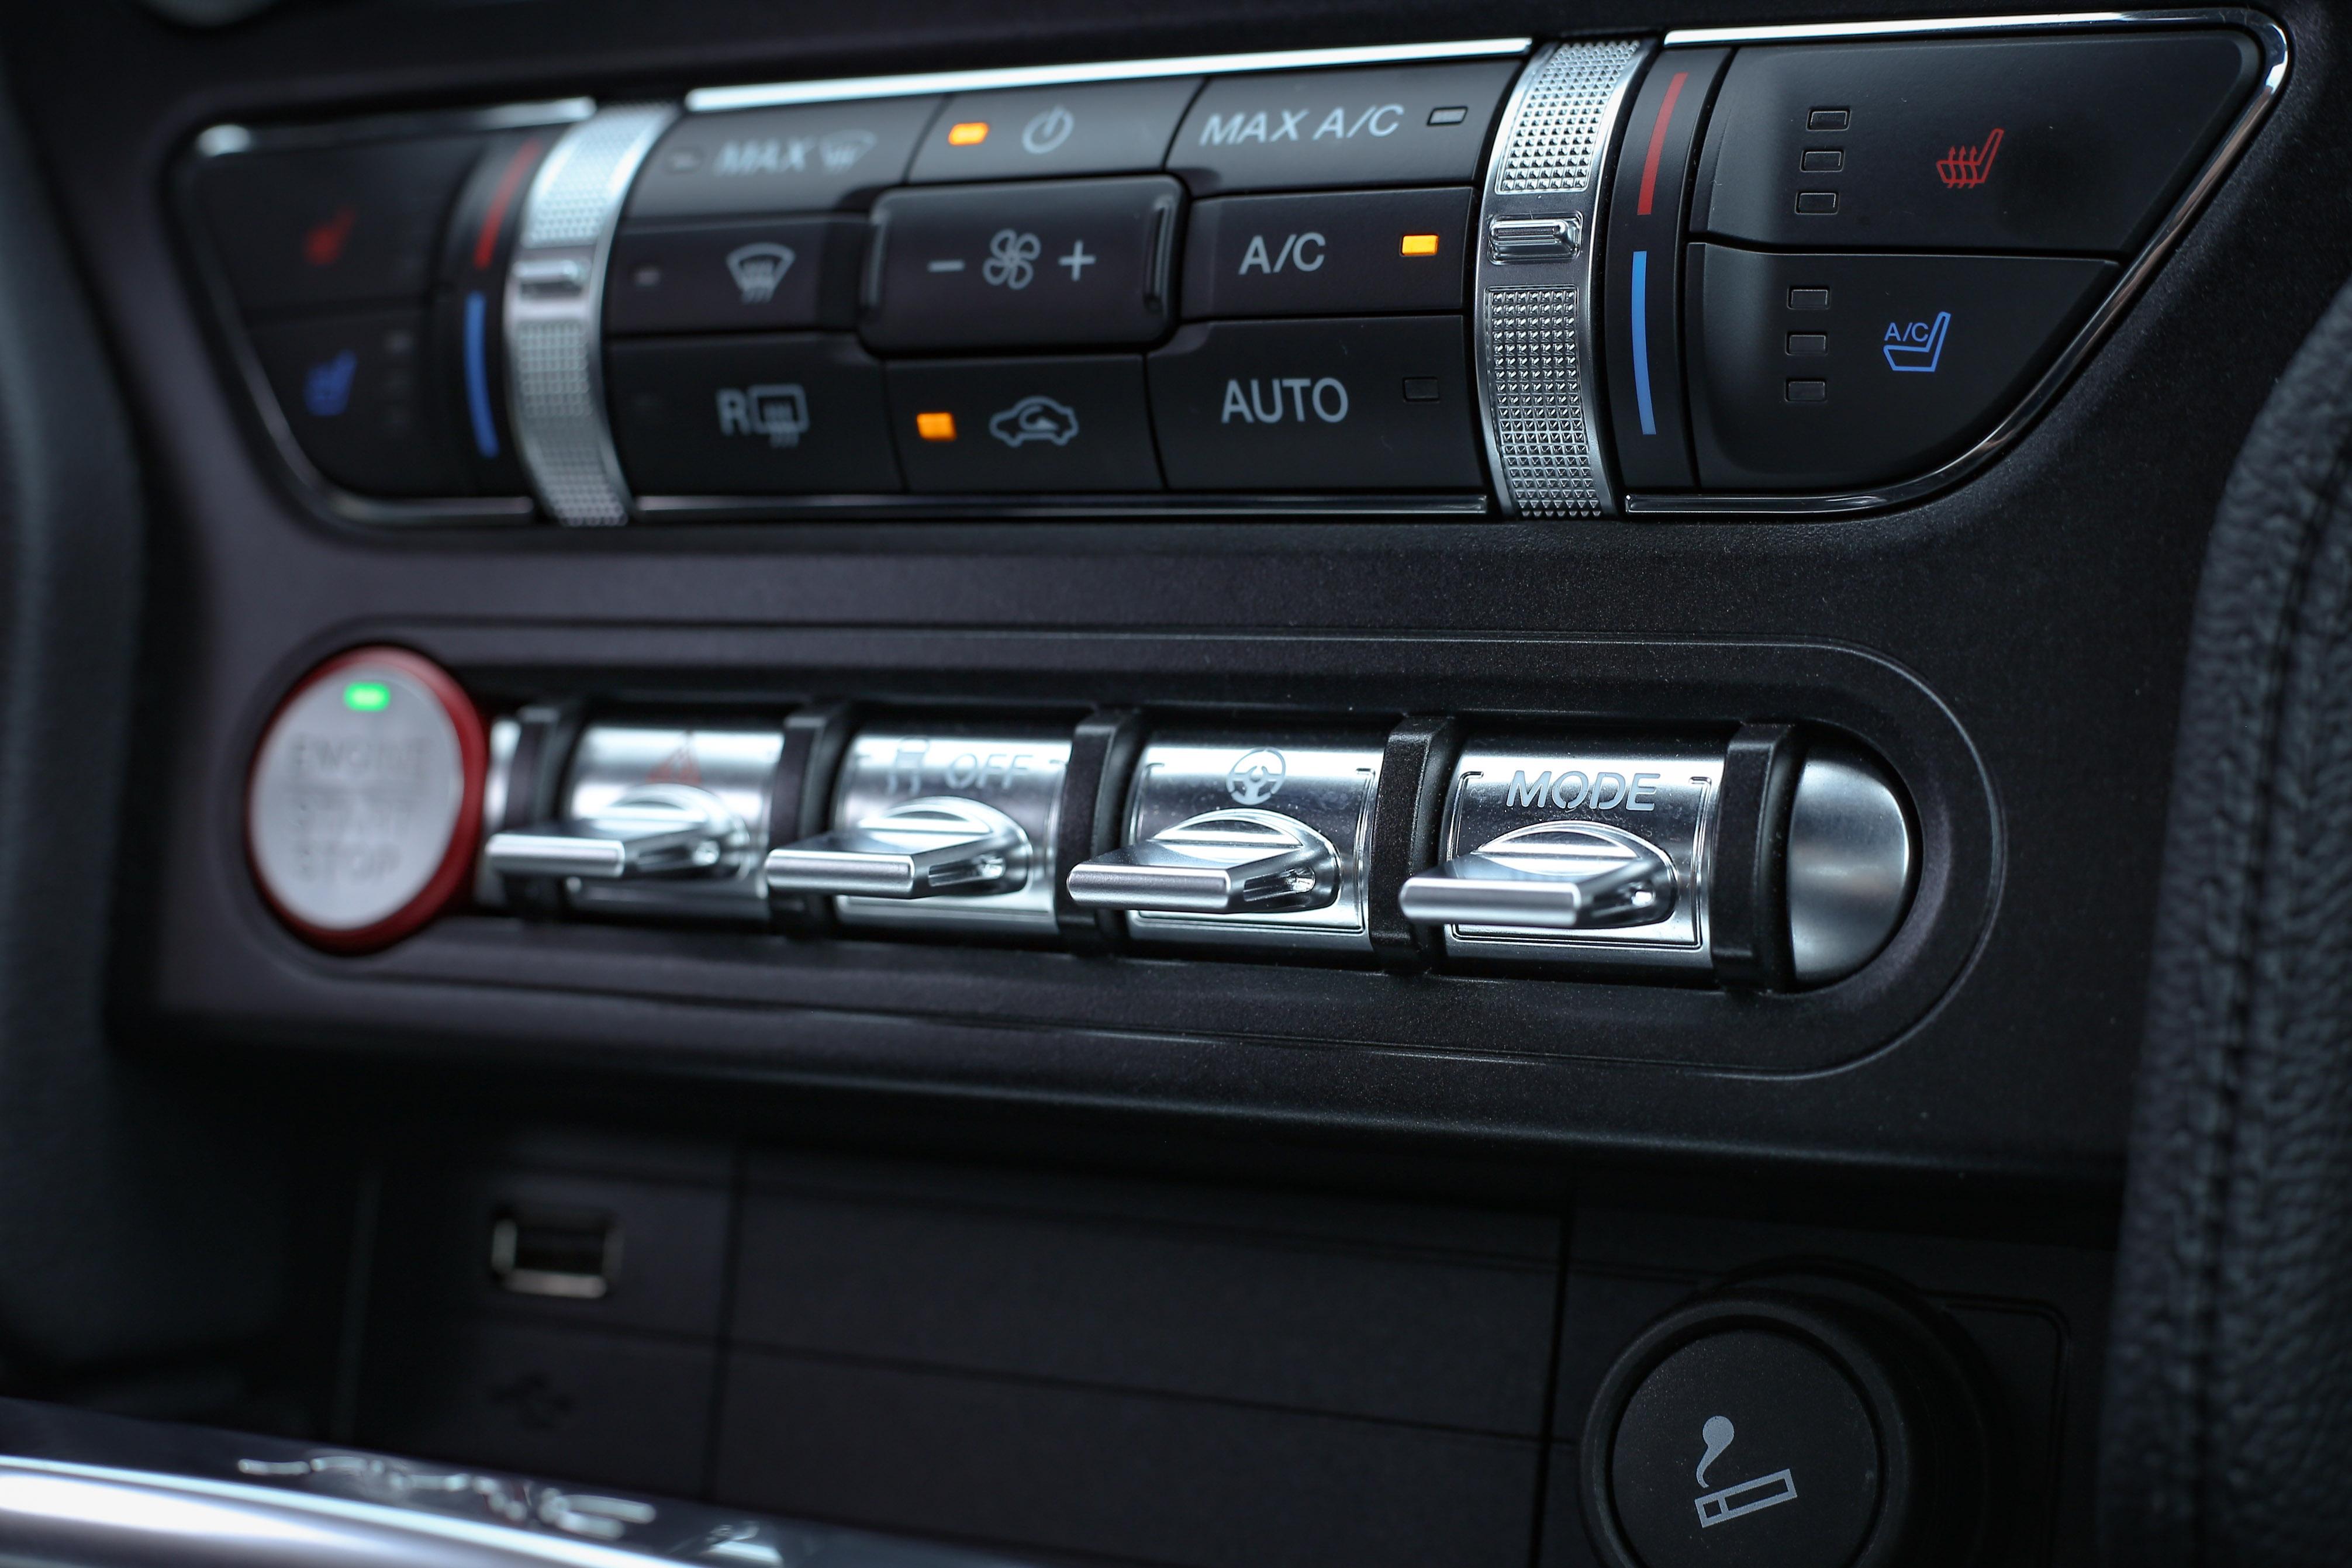 中控台下方有行車模式、電子轉向輔助力道、循跡系統等調整撥鈕。